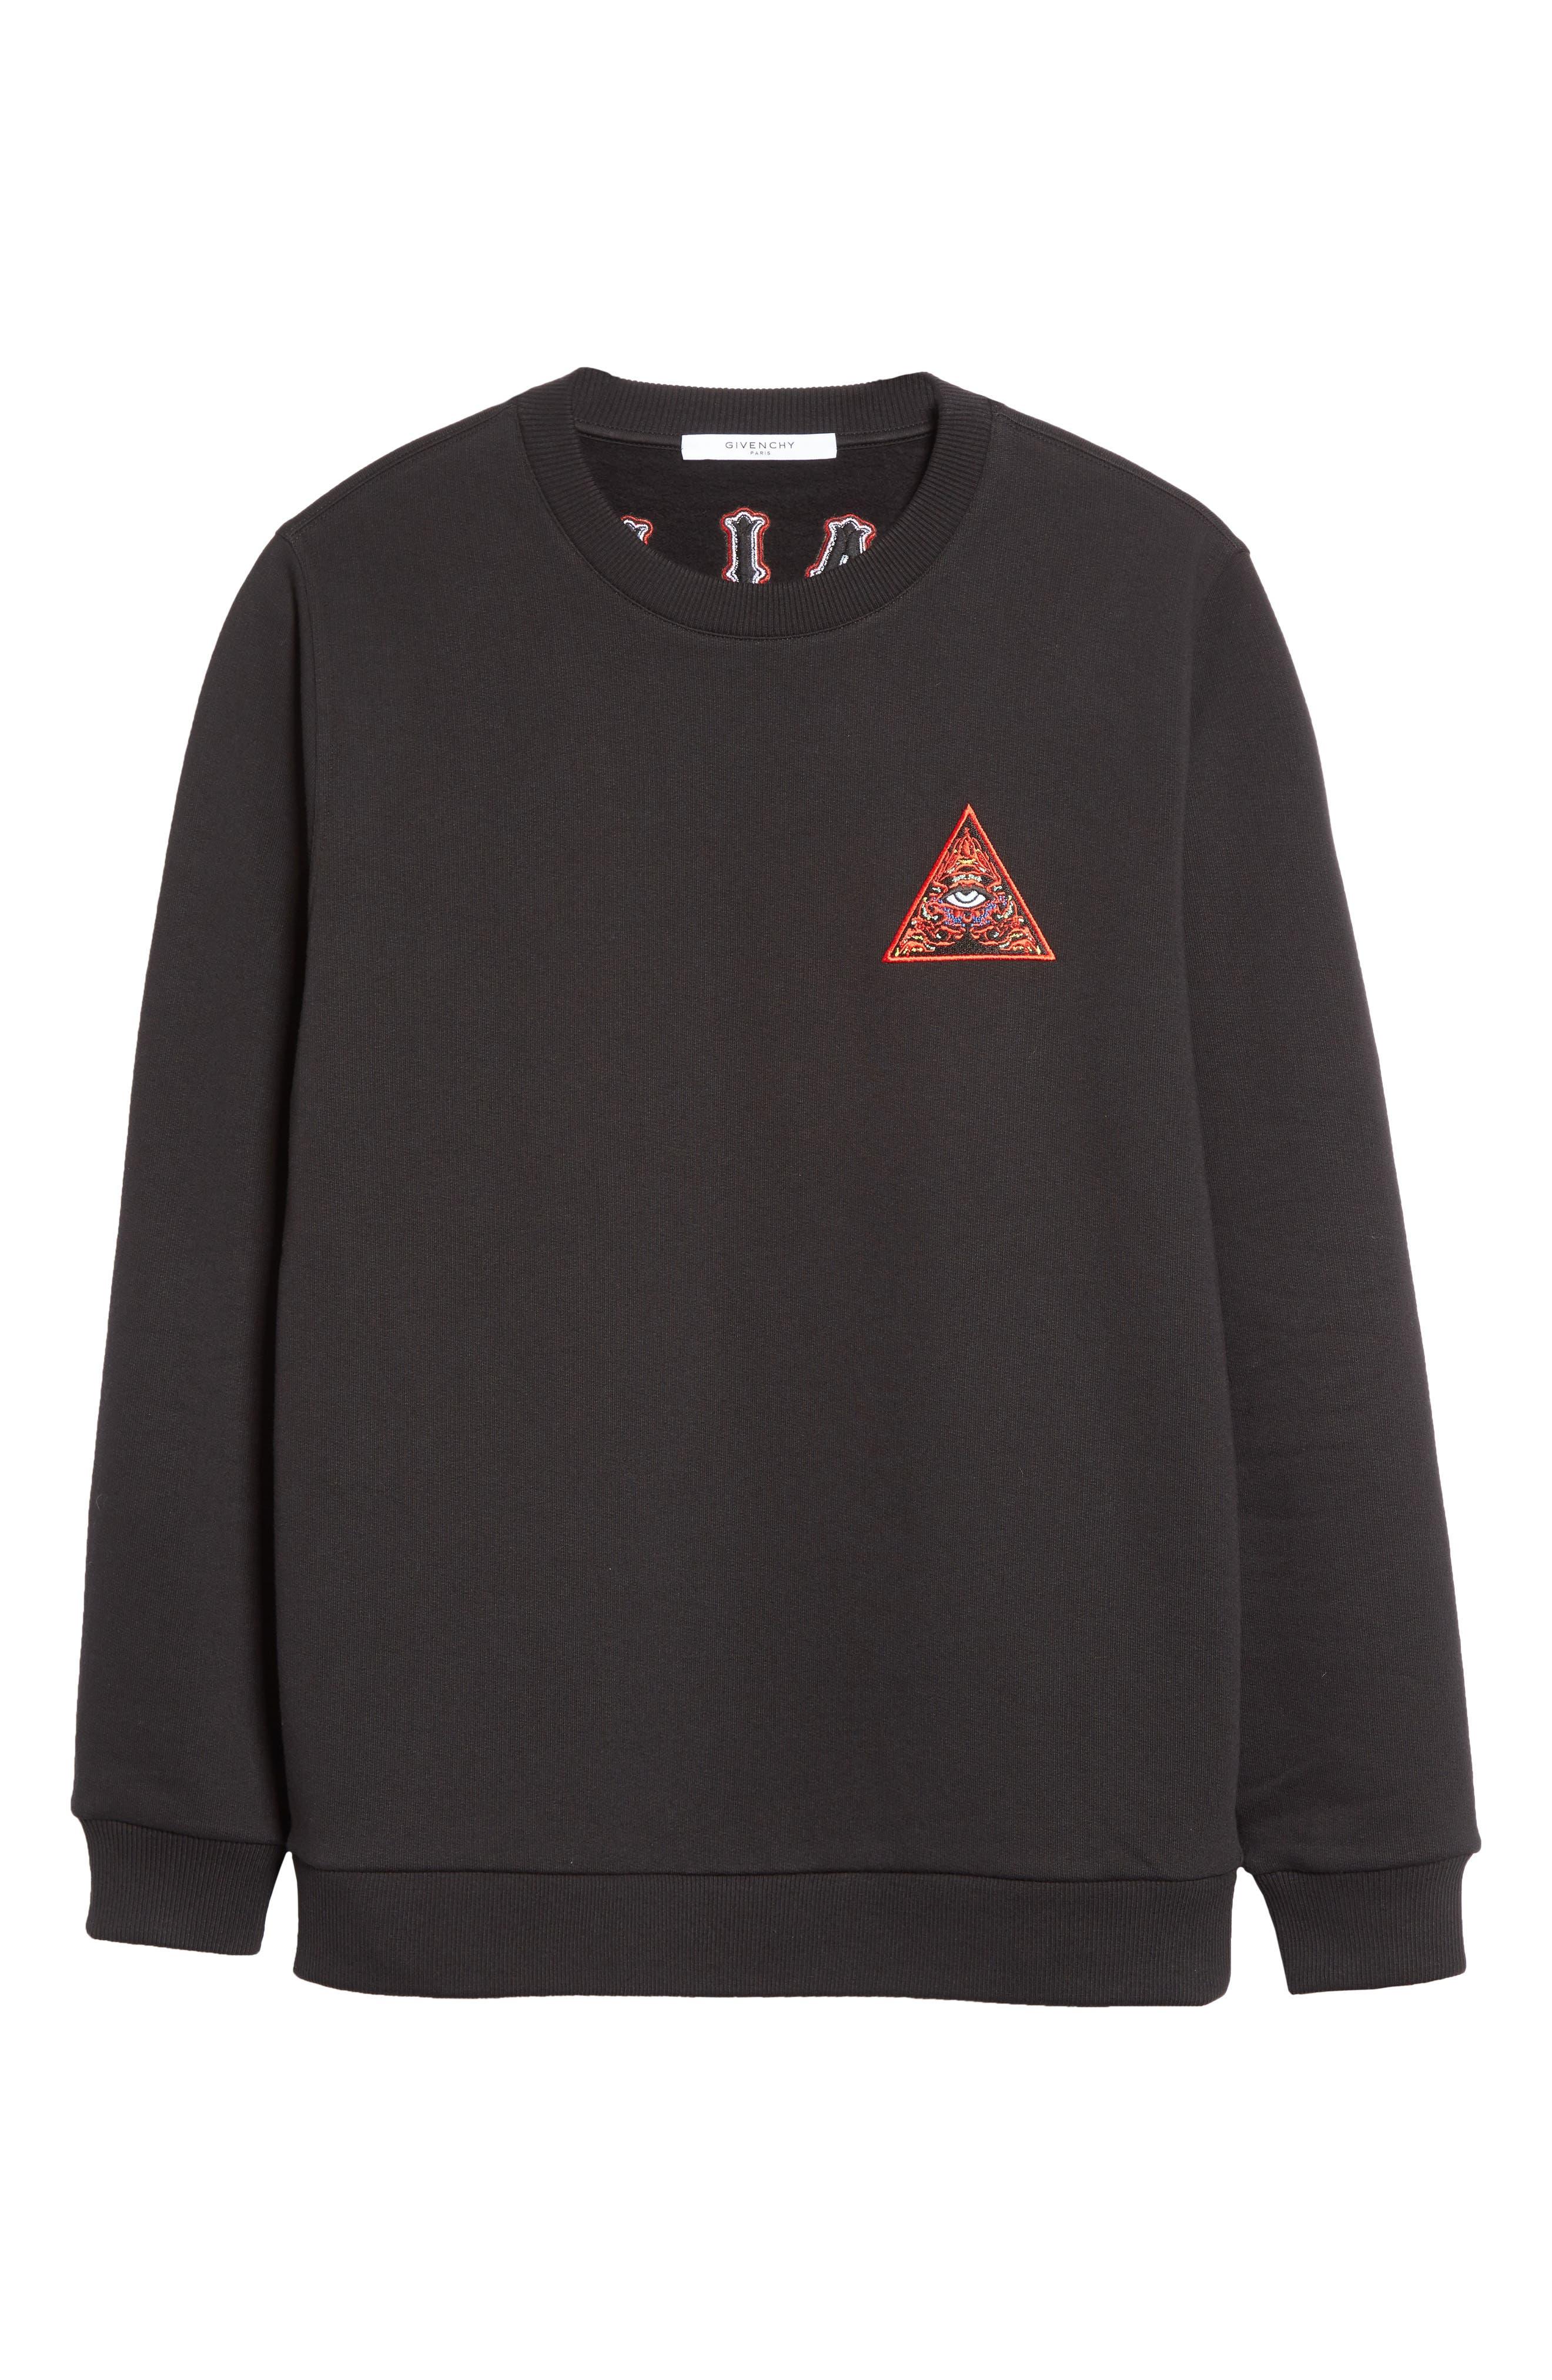 Cuban Fit Realize Sweatshirt,                             Alternate thumbnail 6, color,                             Black